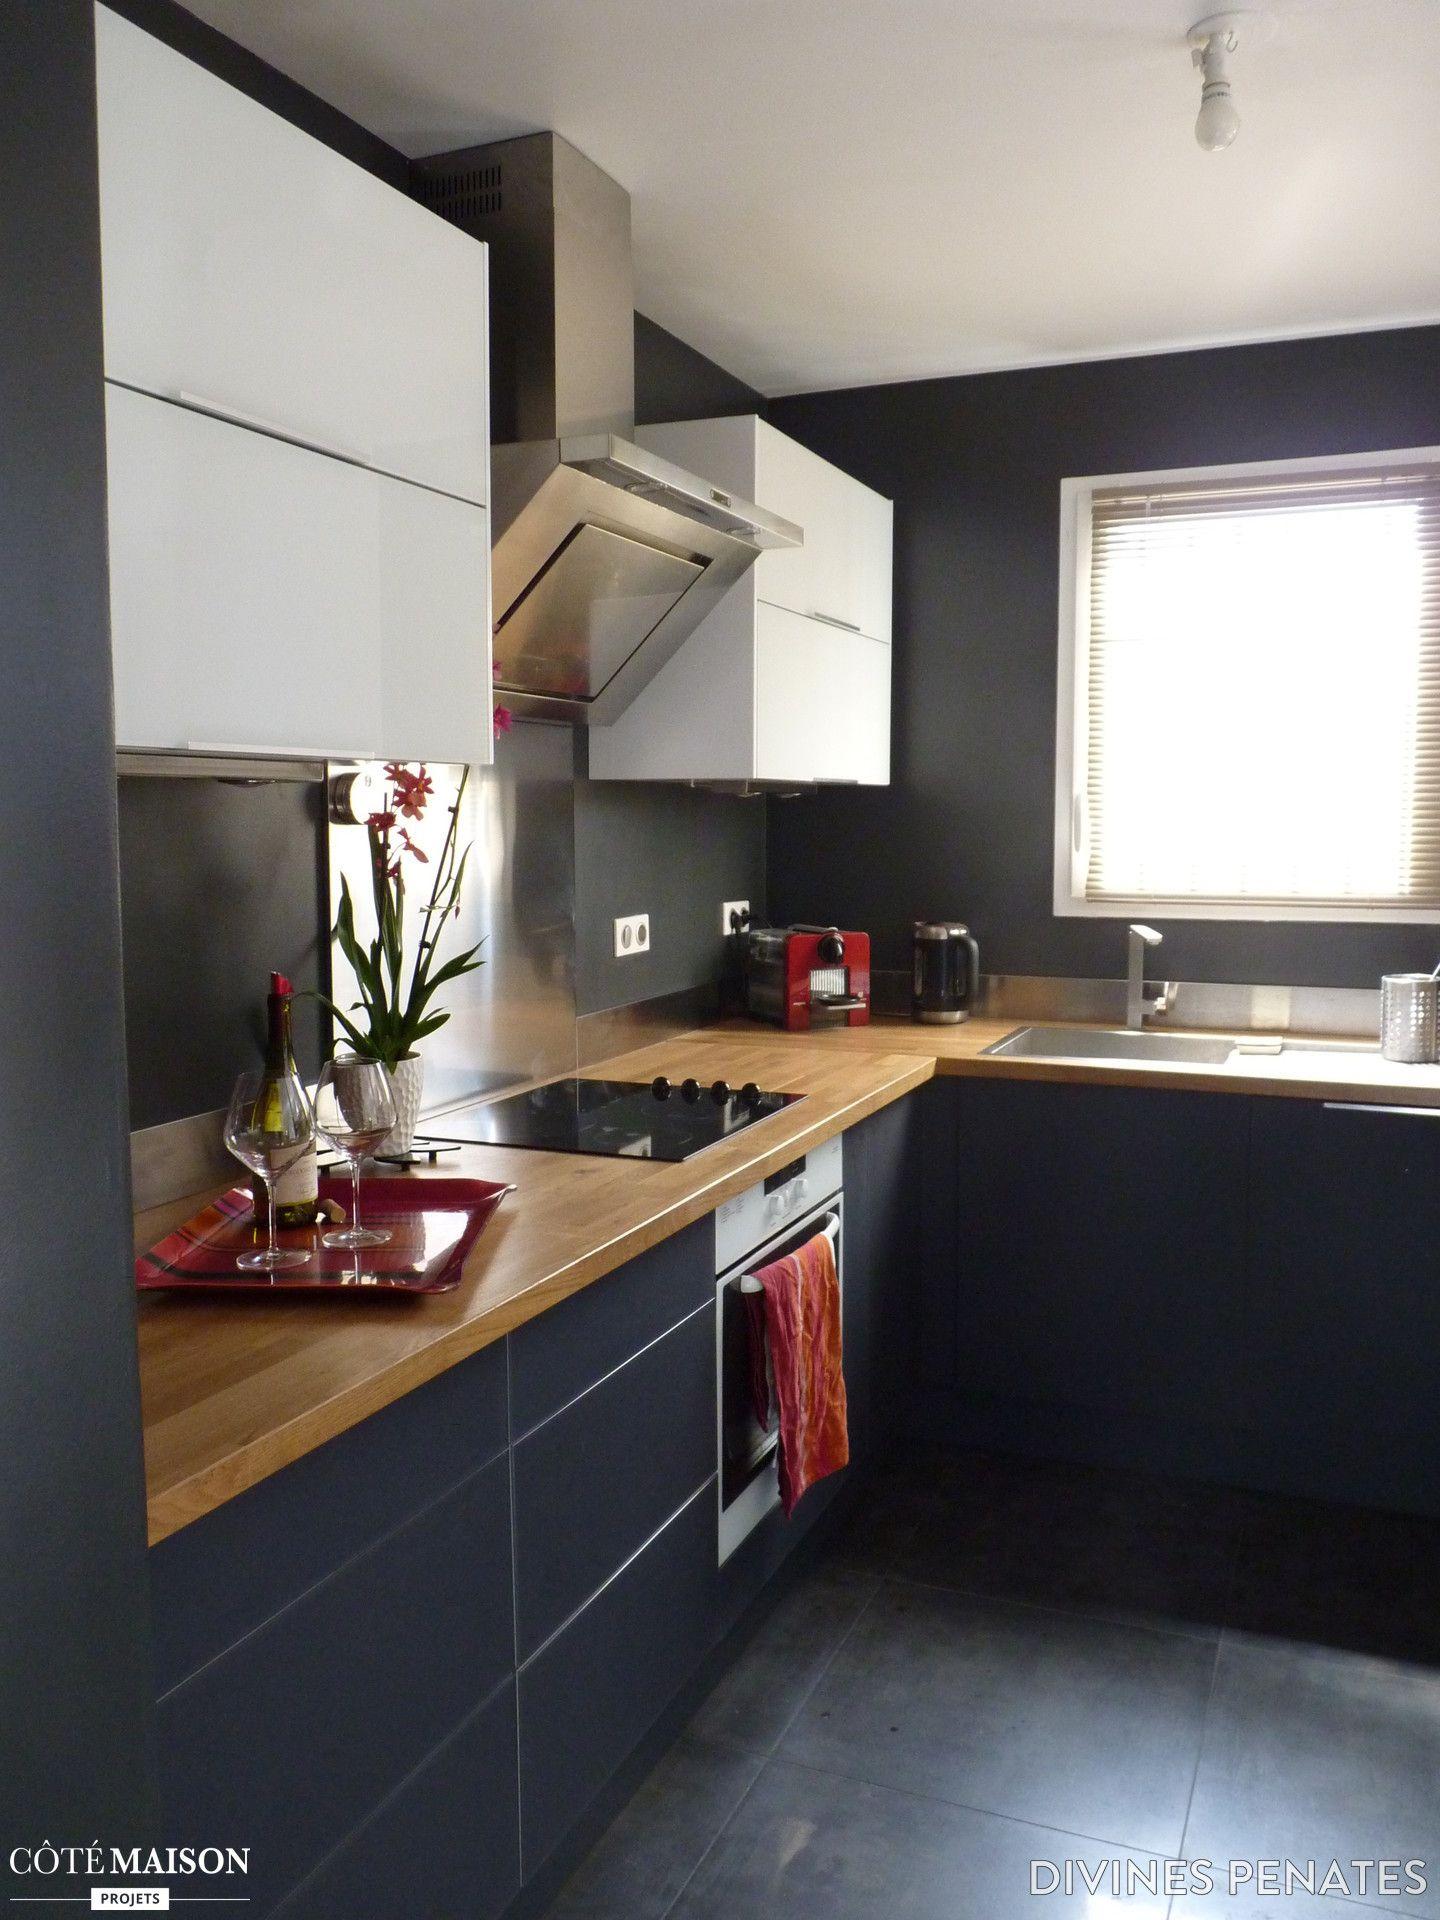 dans cette petite cuisine le bois et la couleur sombre du